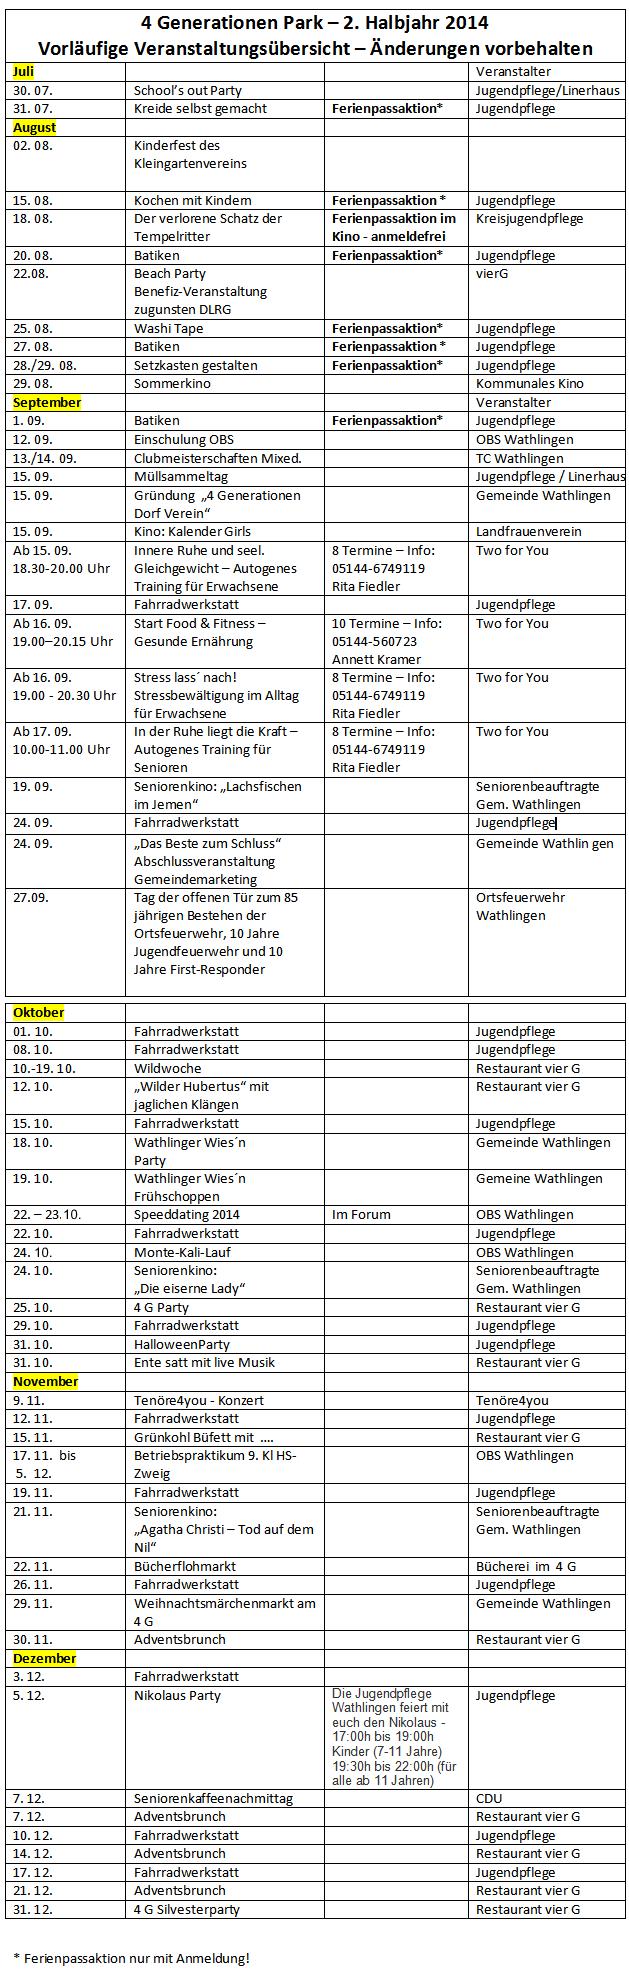 Veranstaltungsuebersicht_2Halbjahr2014